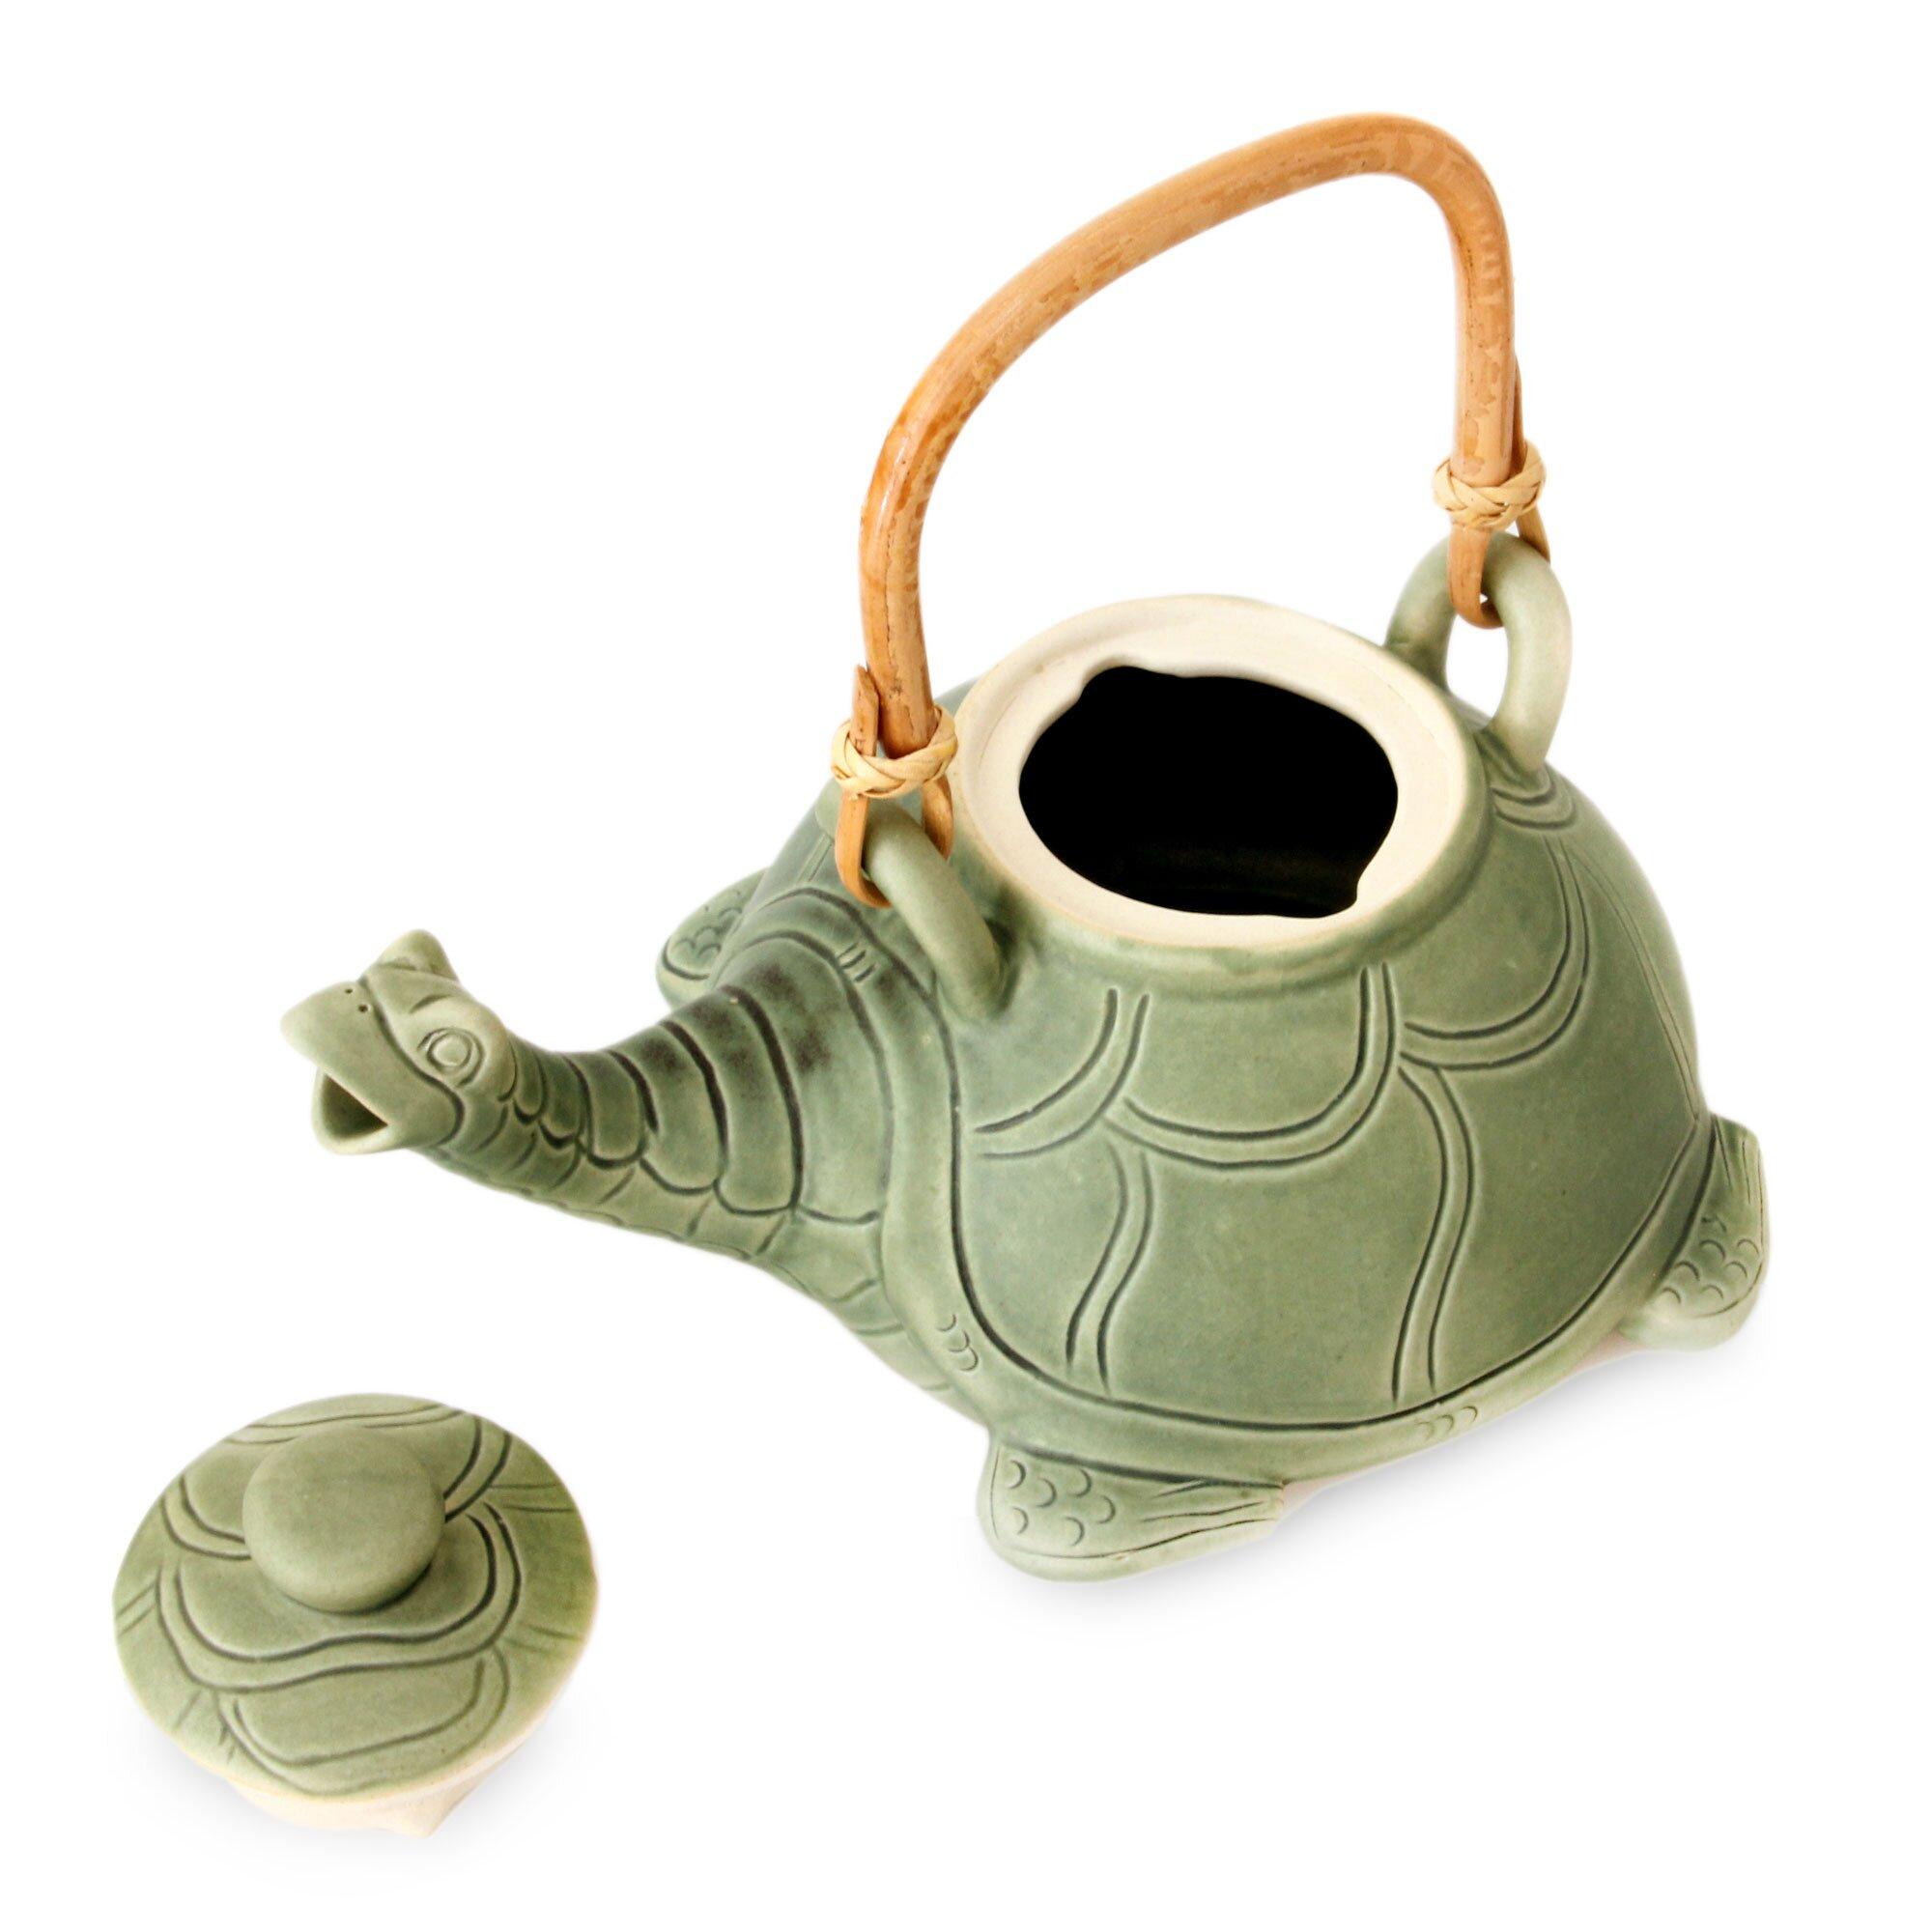 Novica Lingering Turtle Unique Ceramic Teapot